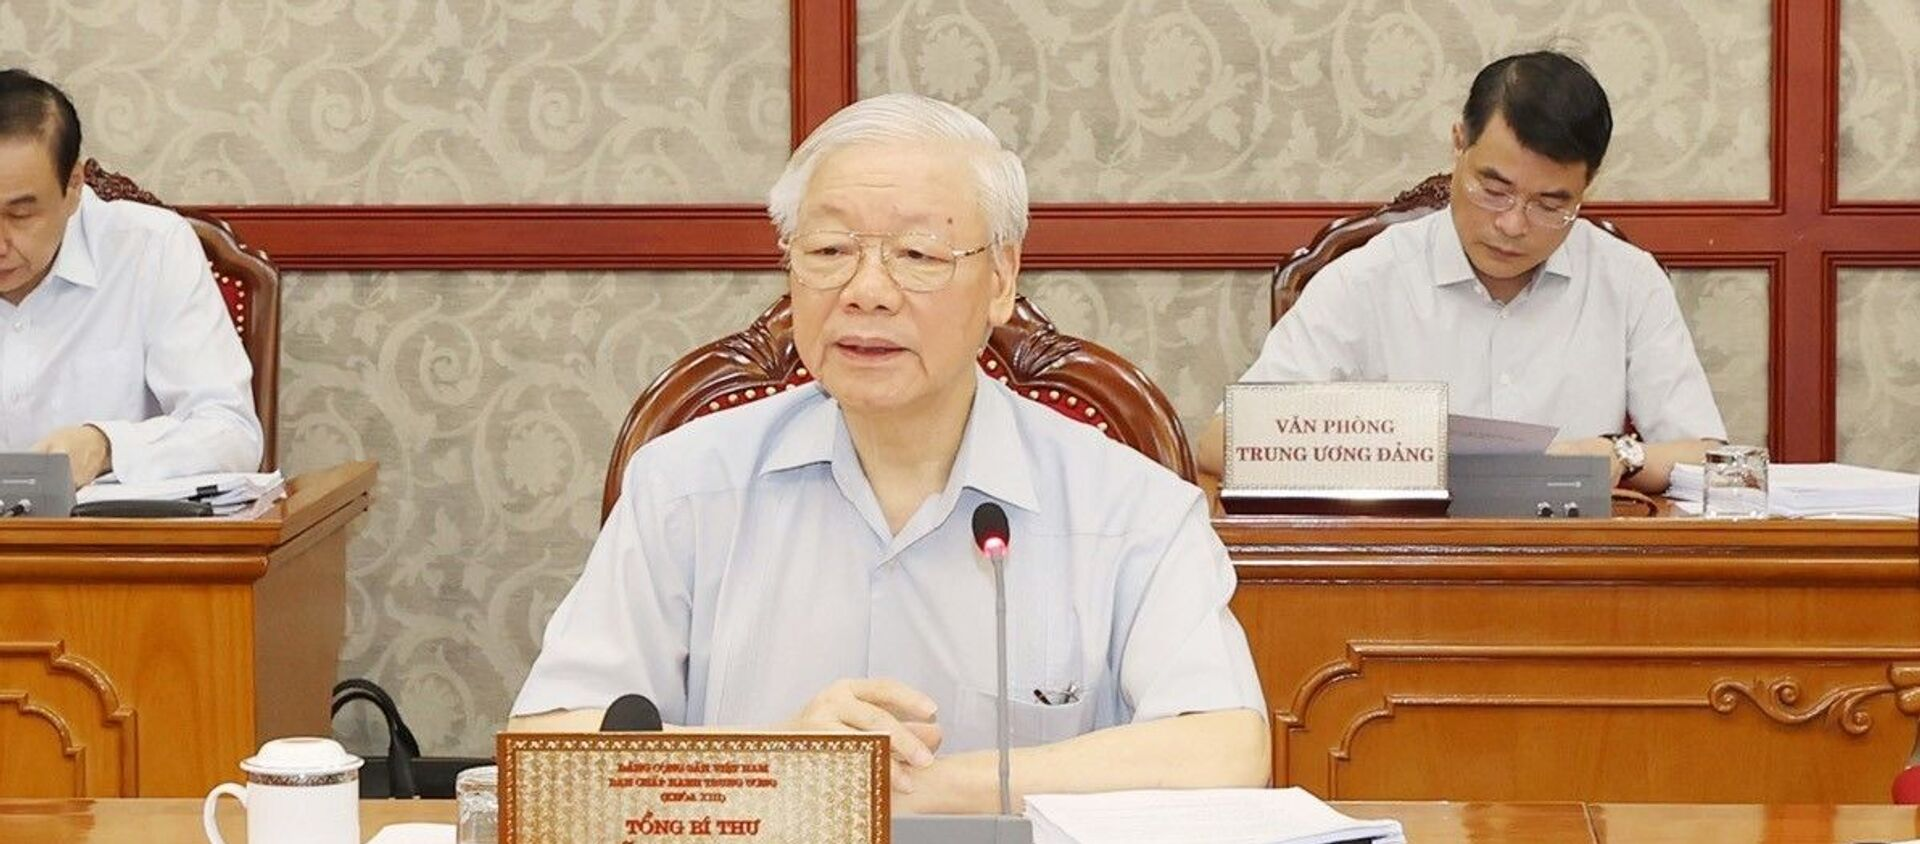 Tổng Bí thư Nguyễn Phú Trọng phát biểu kết luận cuộc họp - Sputnik Việt Nam, 1920, 10.09.2021